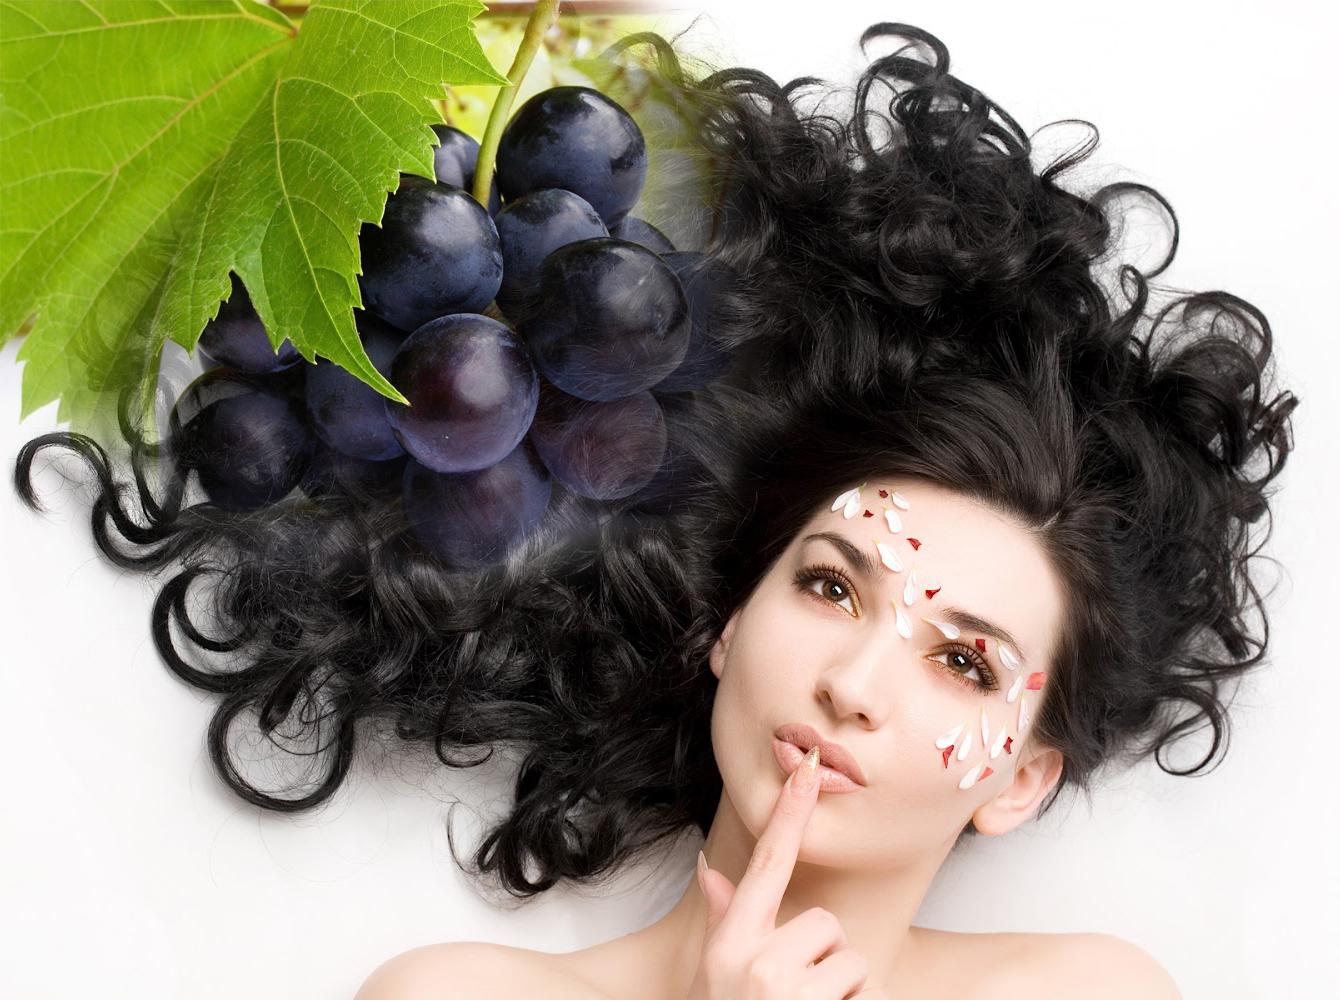 Làm đẹp da với mặt nạ collagen